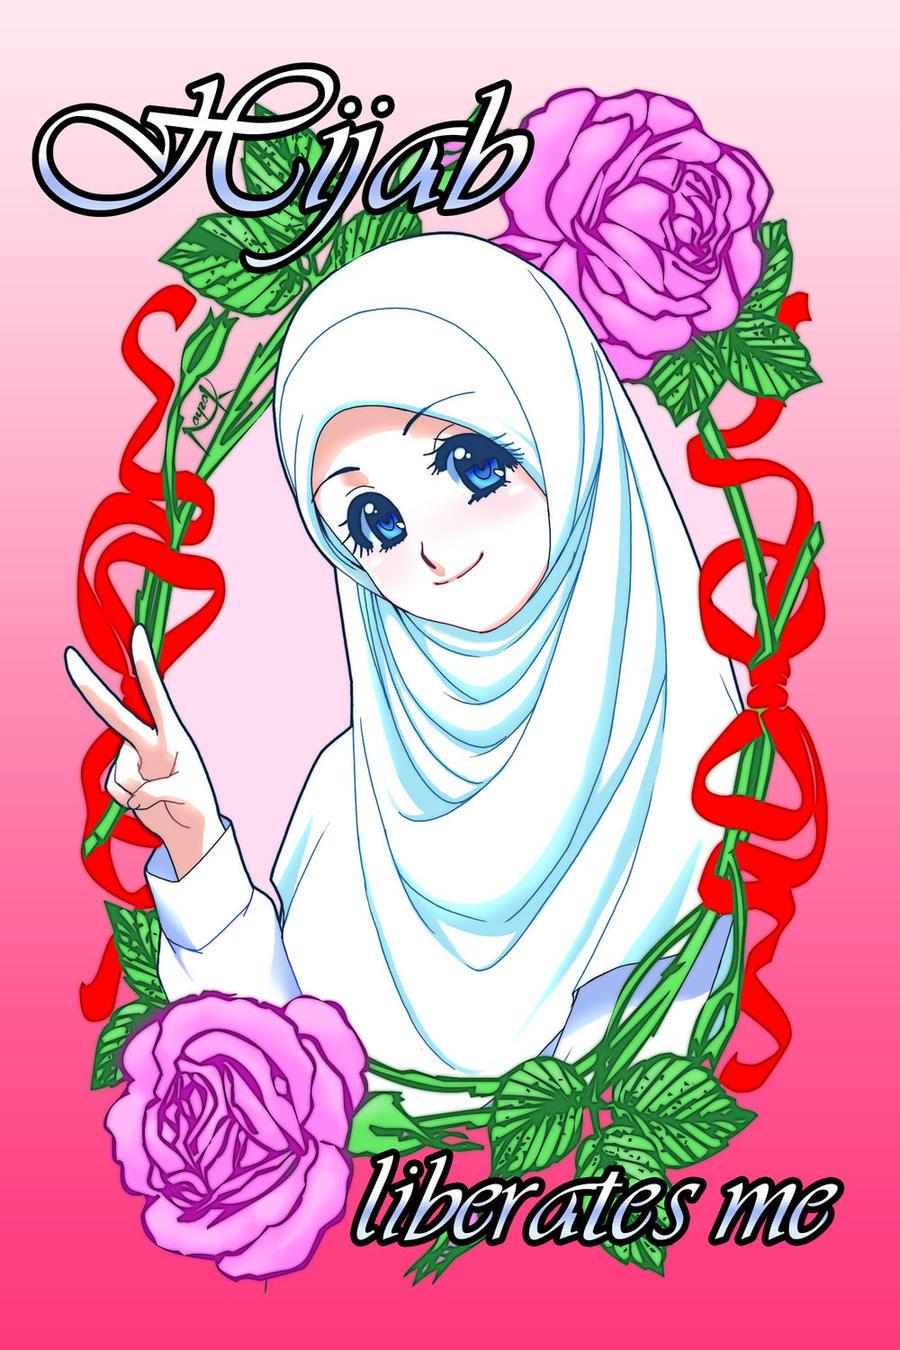 Hijab, A Liberating Choice by Nayzak